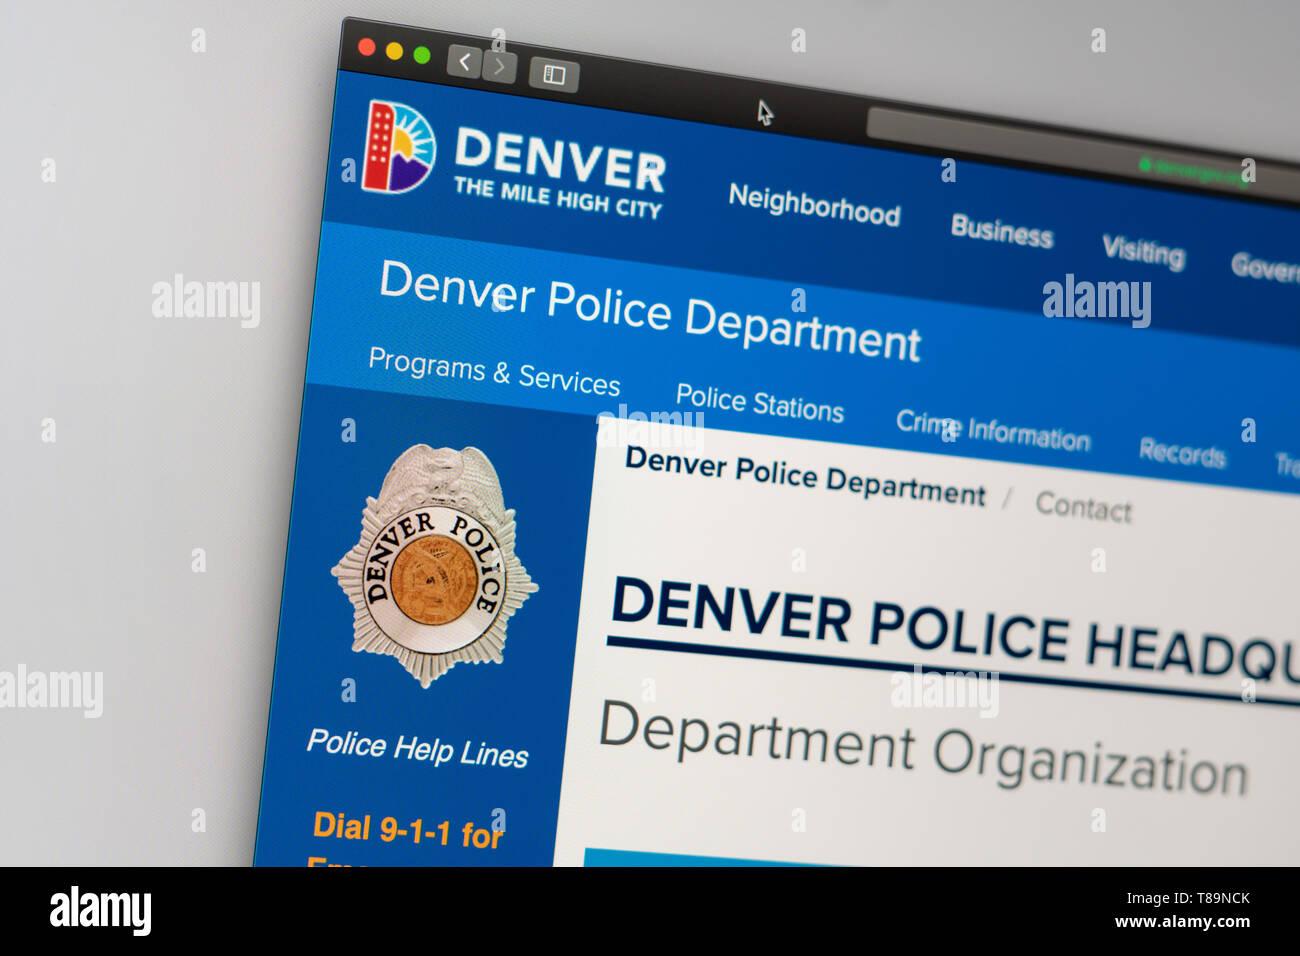 Miami / USA - 05.11.2019: site web du Service de police de Denver d'accueil. Close up of Police logo du service. Peut être utilisé comme illustration pour les médias Photo Stock